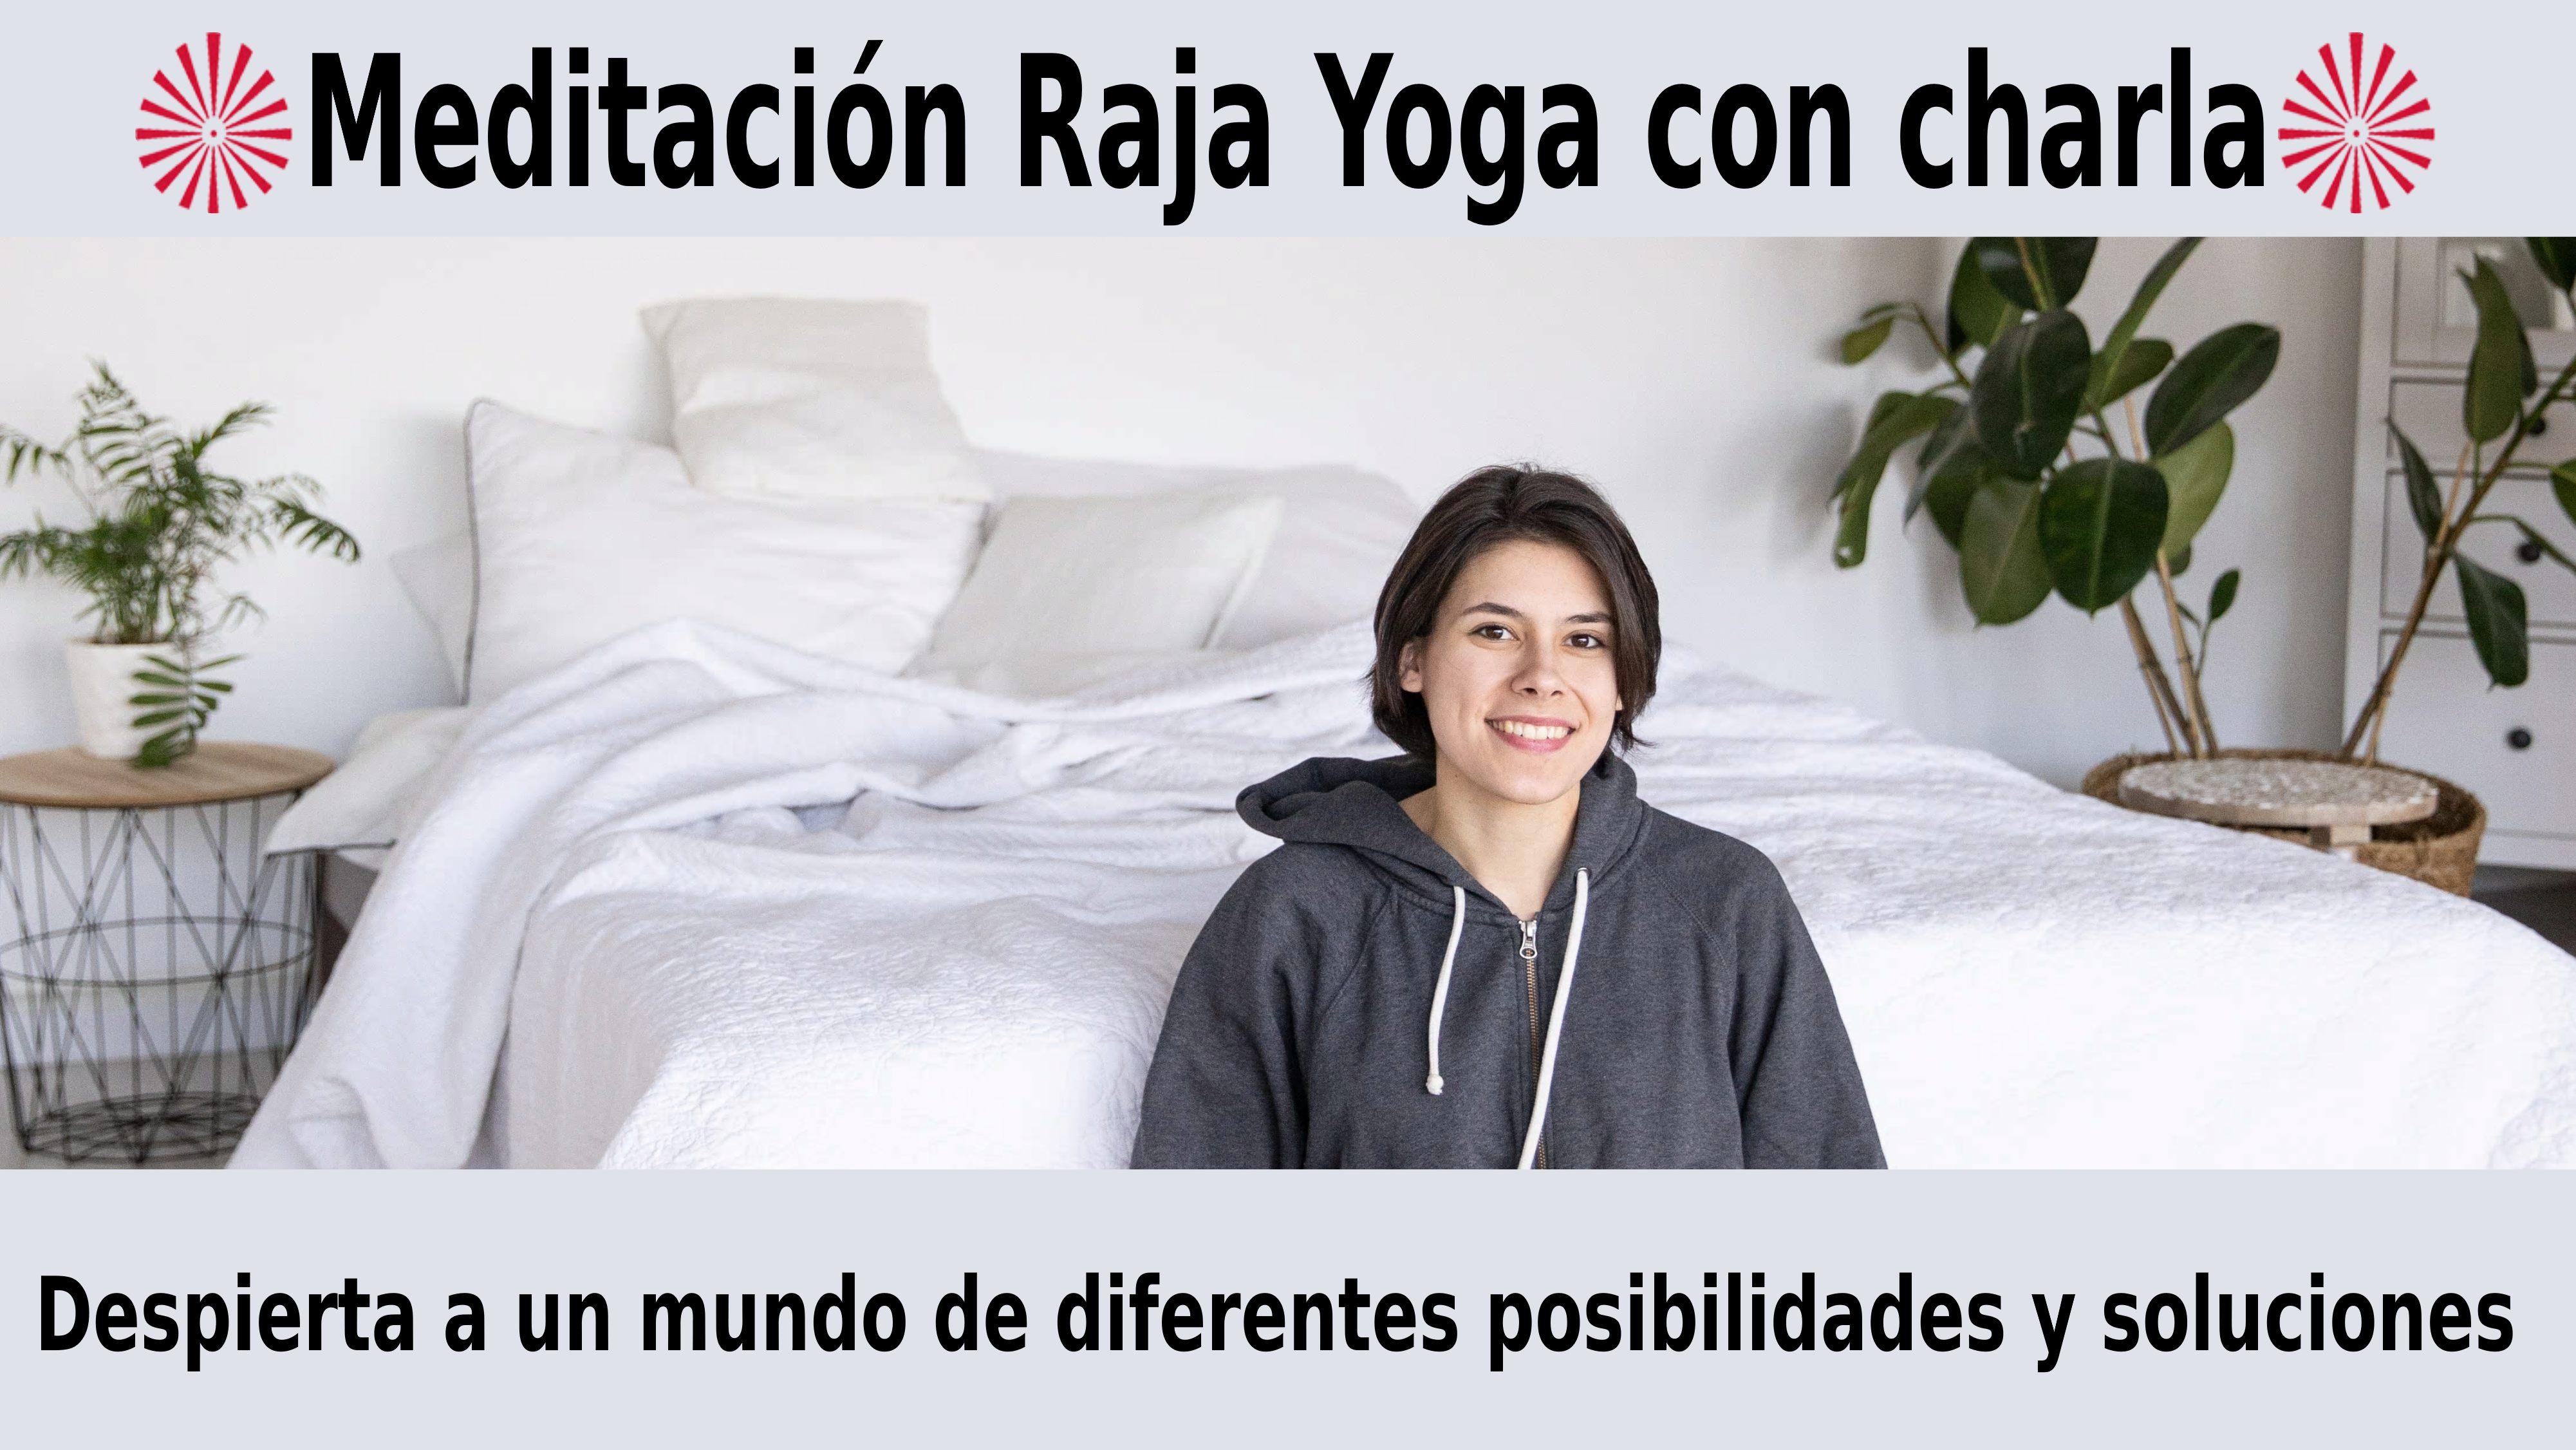 Meditación con charla: Despierta a un mundo de diferentes posibilidades y soluciones (19 Noviembre 2020) On-line desde Barcelona